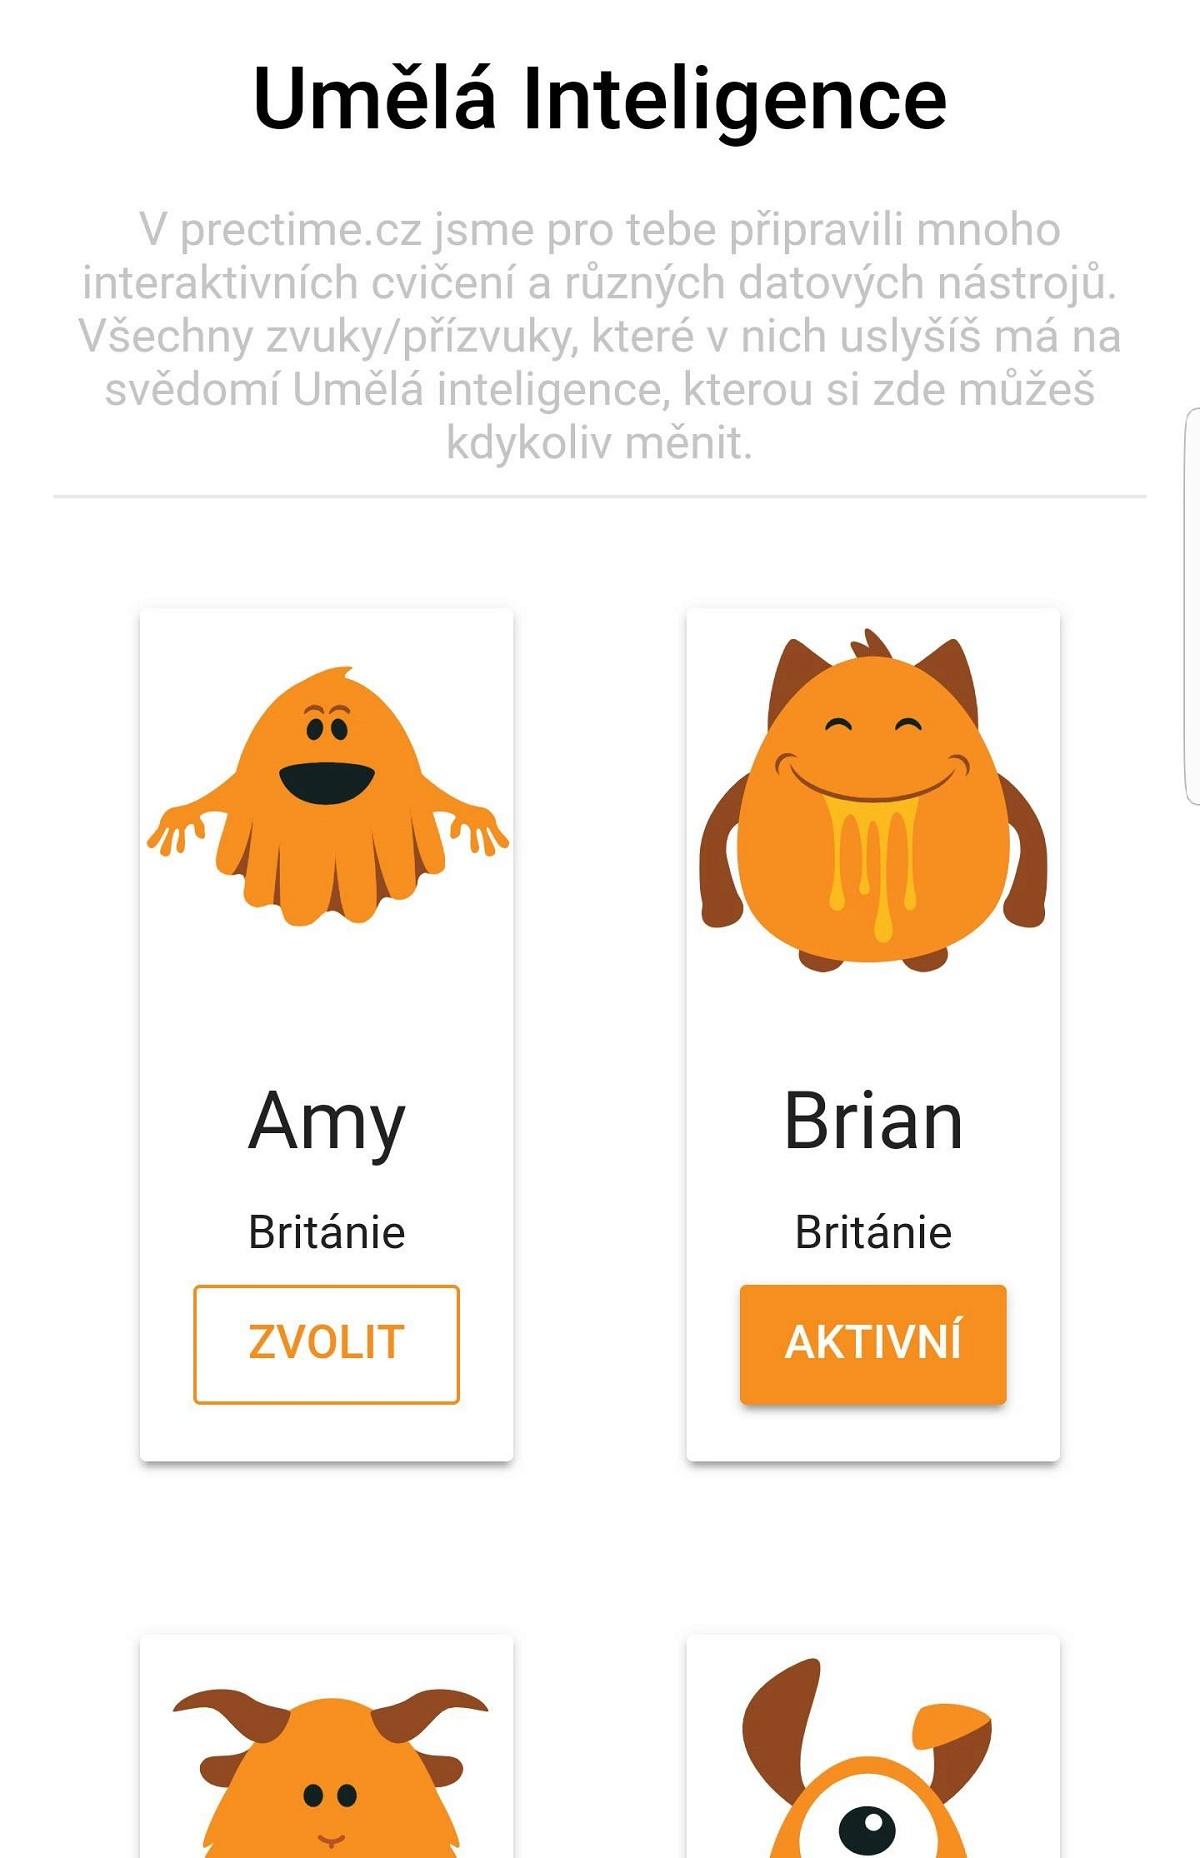 Aplikace využívá umělou inteligenci, která zajišťuje používaná slova v různých přízvucích